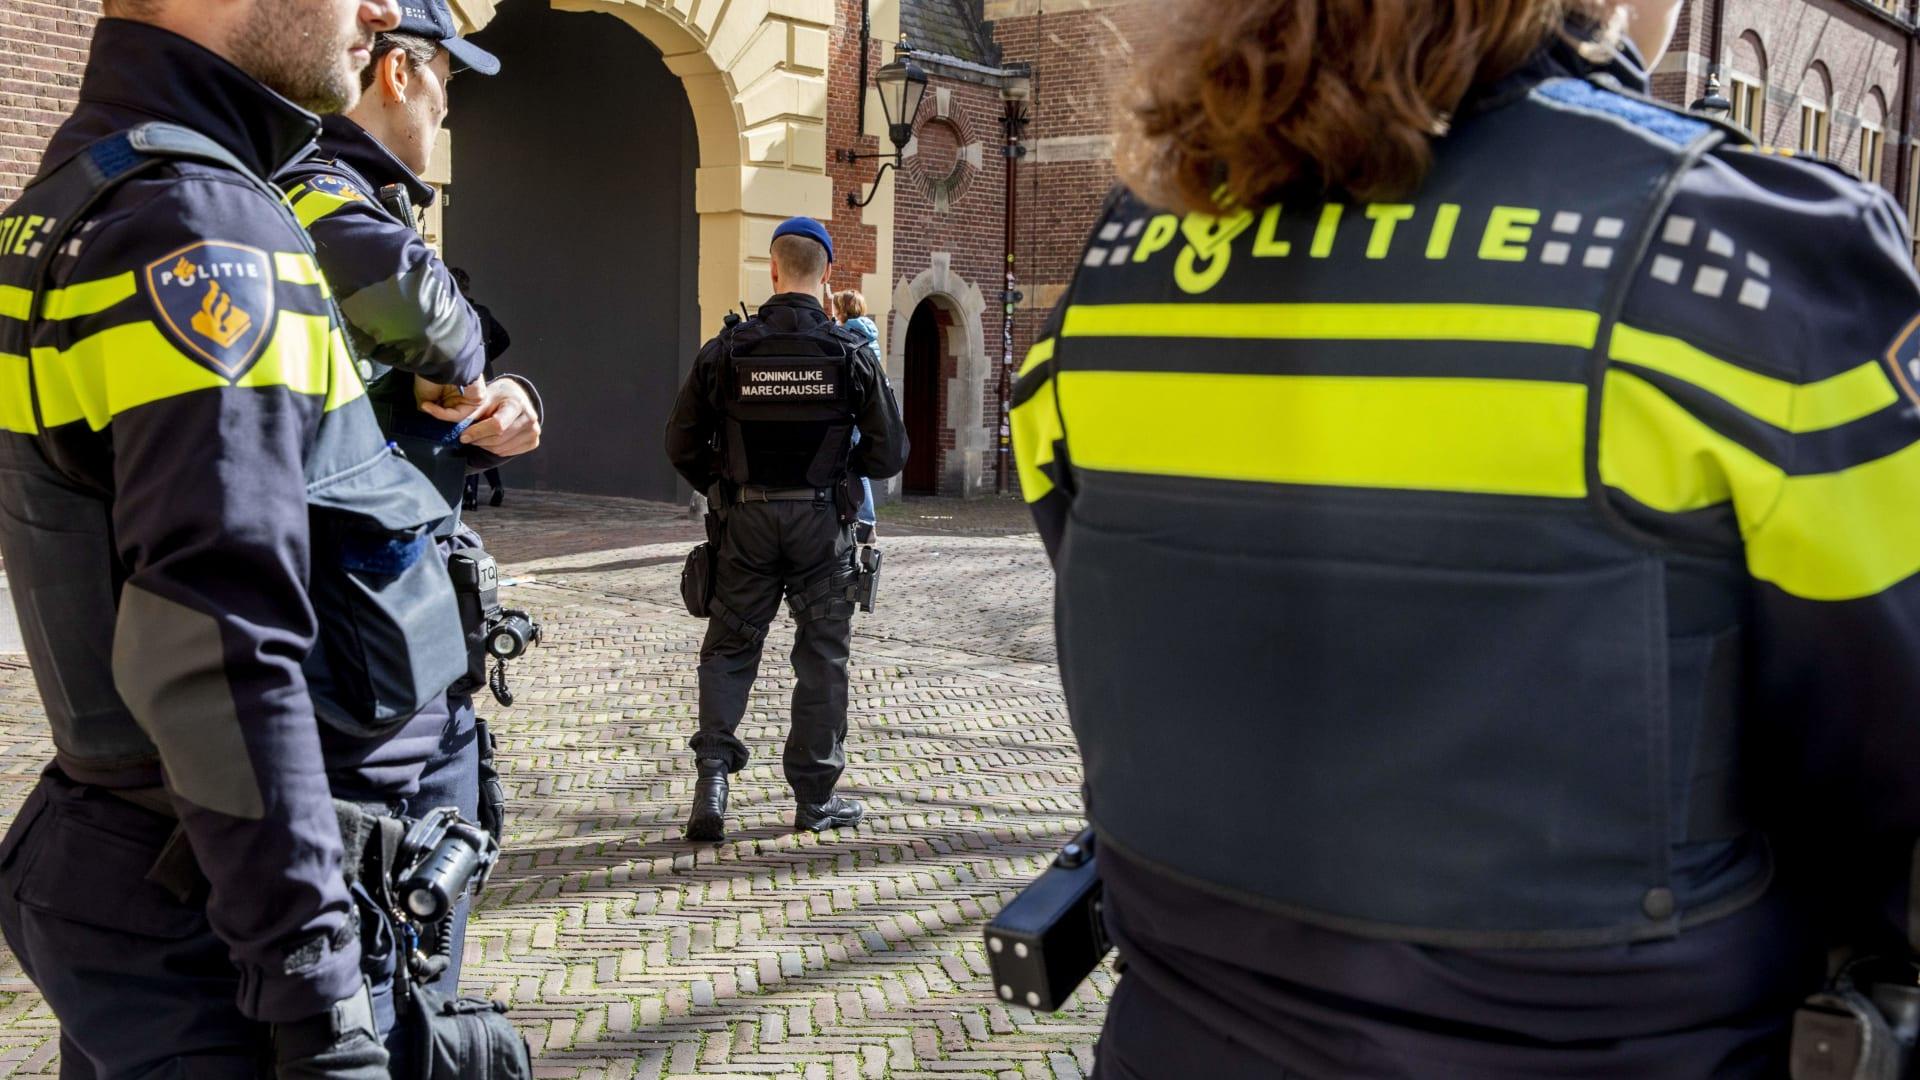 مدججين بالسلاح.. فيديو يظهر بحث الشرطة عن مطلق النار بهولندا